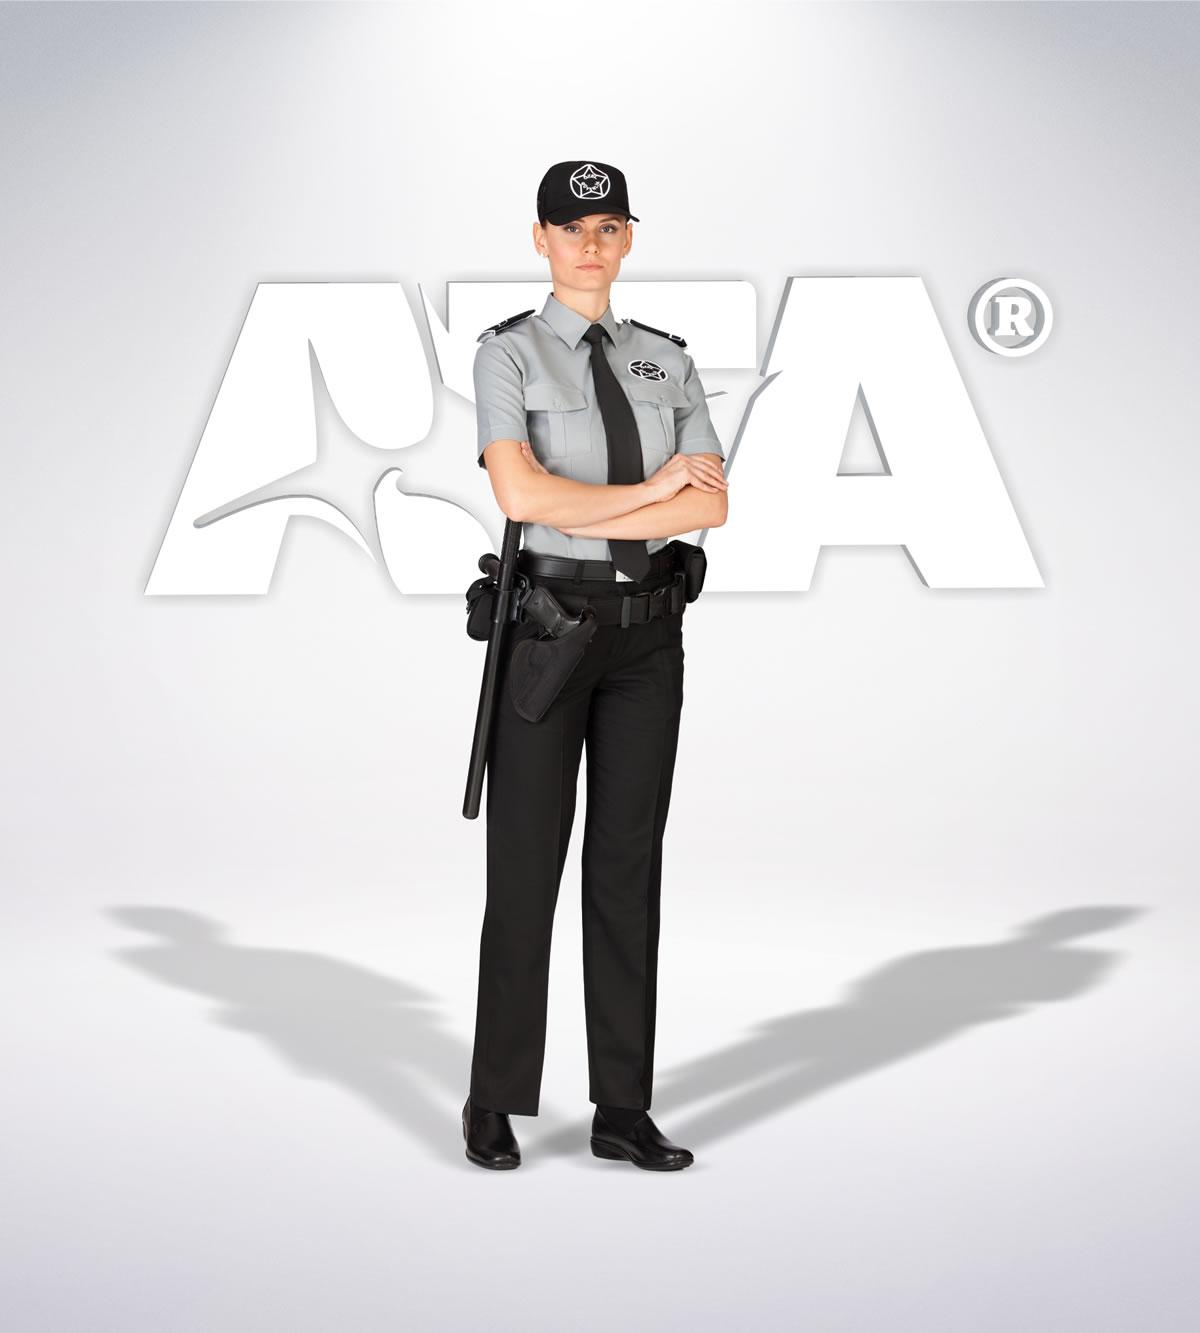 ATA 115 - Pantolon yazlık - gömlek yazlık-kışlık - aksesuar - güvenlik elbiseleri | güvenlik üniformaları | güvenlik kıyafetleri